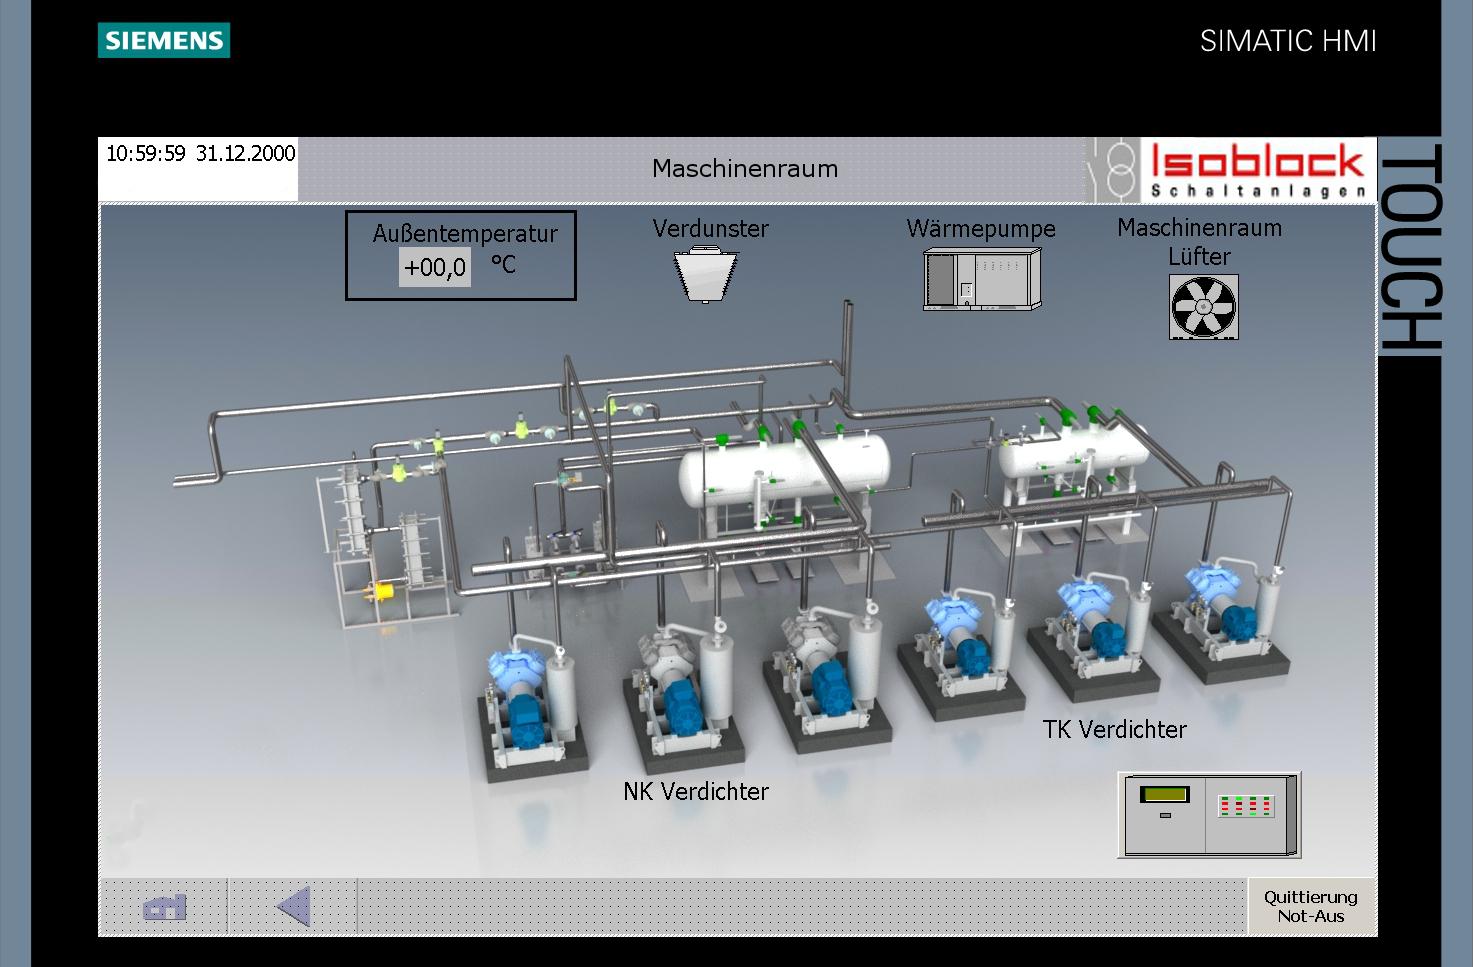 Visualisierung Siemens Wärmepumpe Verdunster TK Verdichter NK Verdichter Außentemperatur Not aus Maschinenraum Simatic HMI Verdampfer TIA Portal_Isoblock_SPS-Schaltanlagen 2014